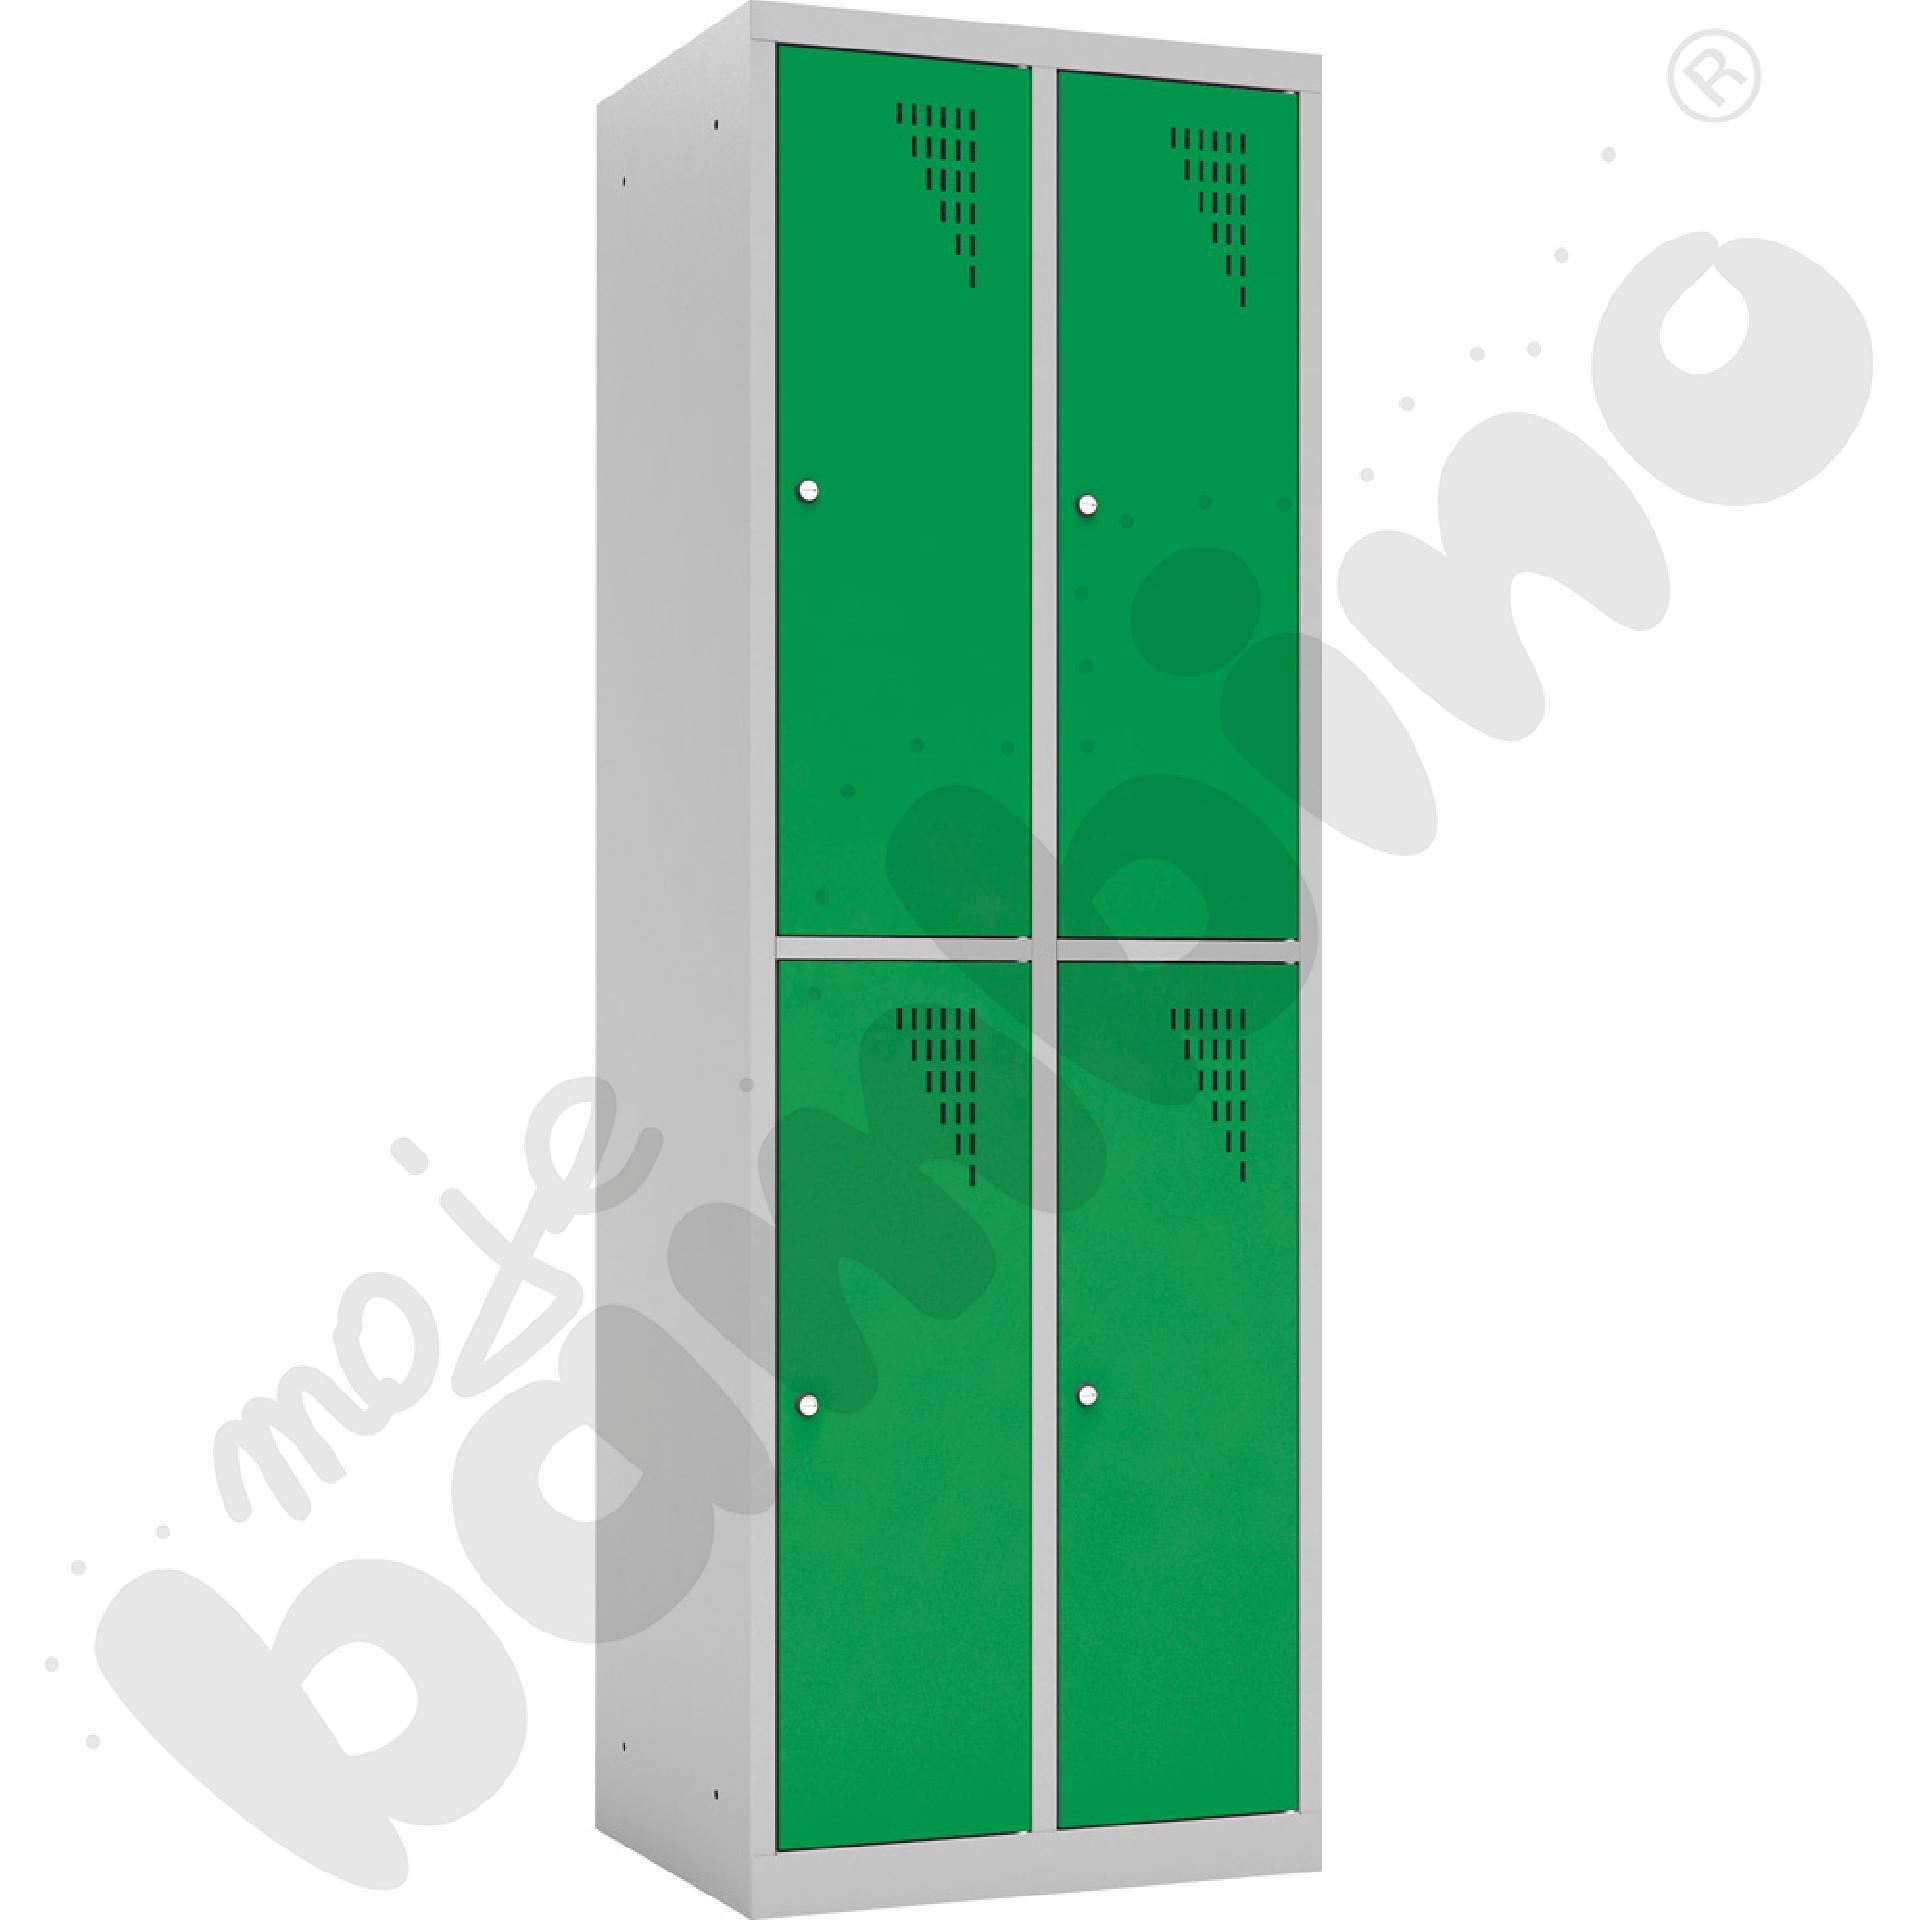 Szafka ubraniowa z 4 schowkami drzwi zielone